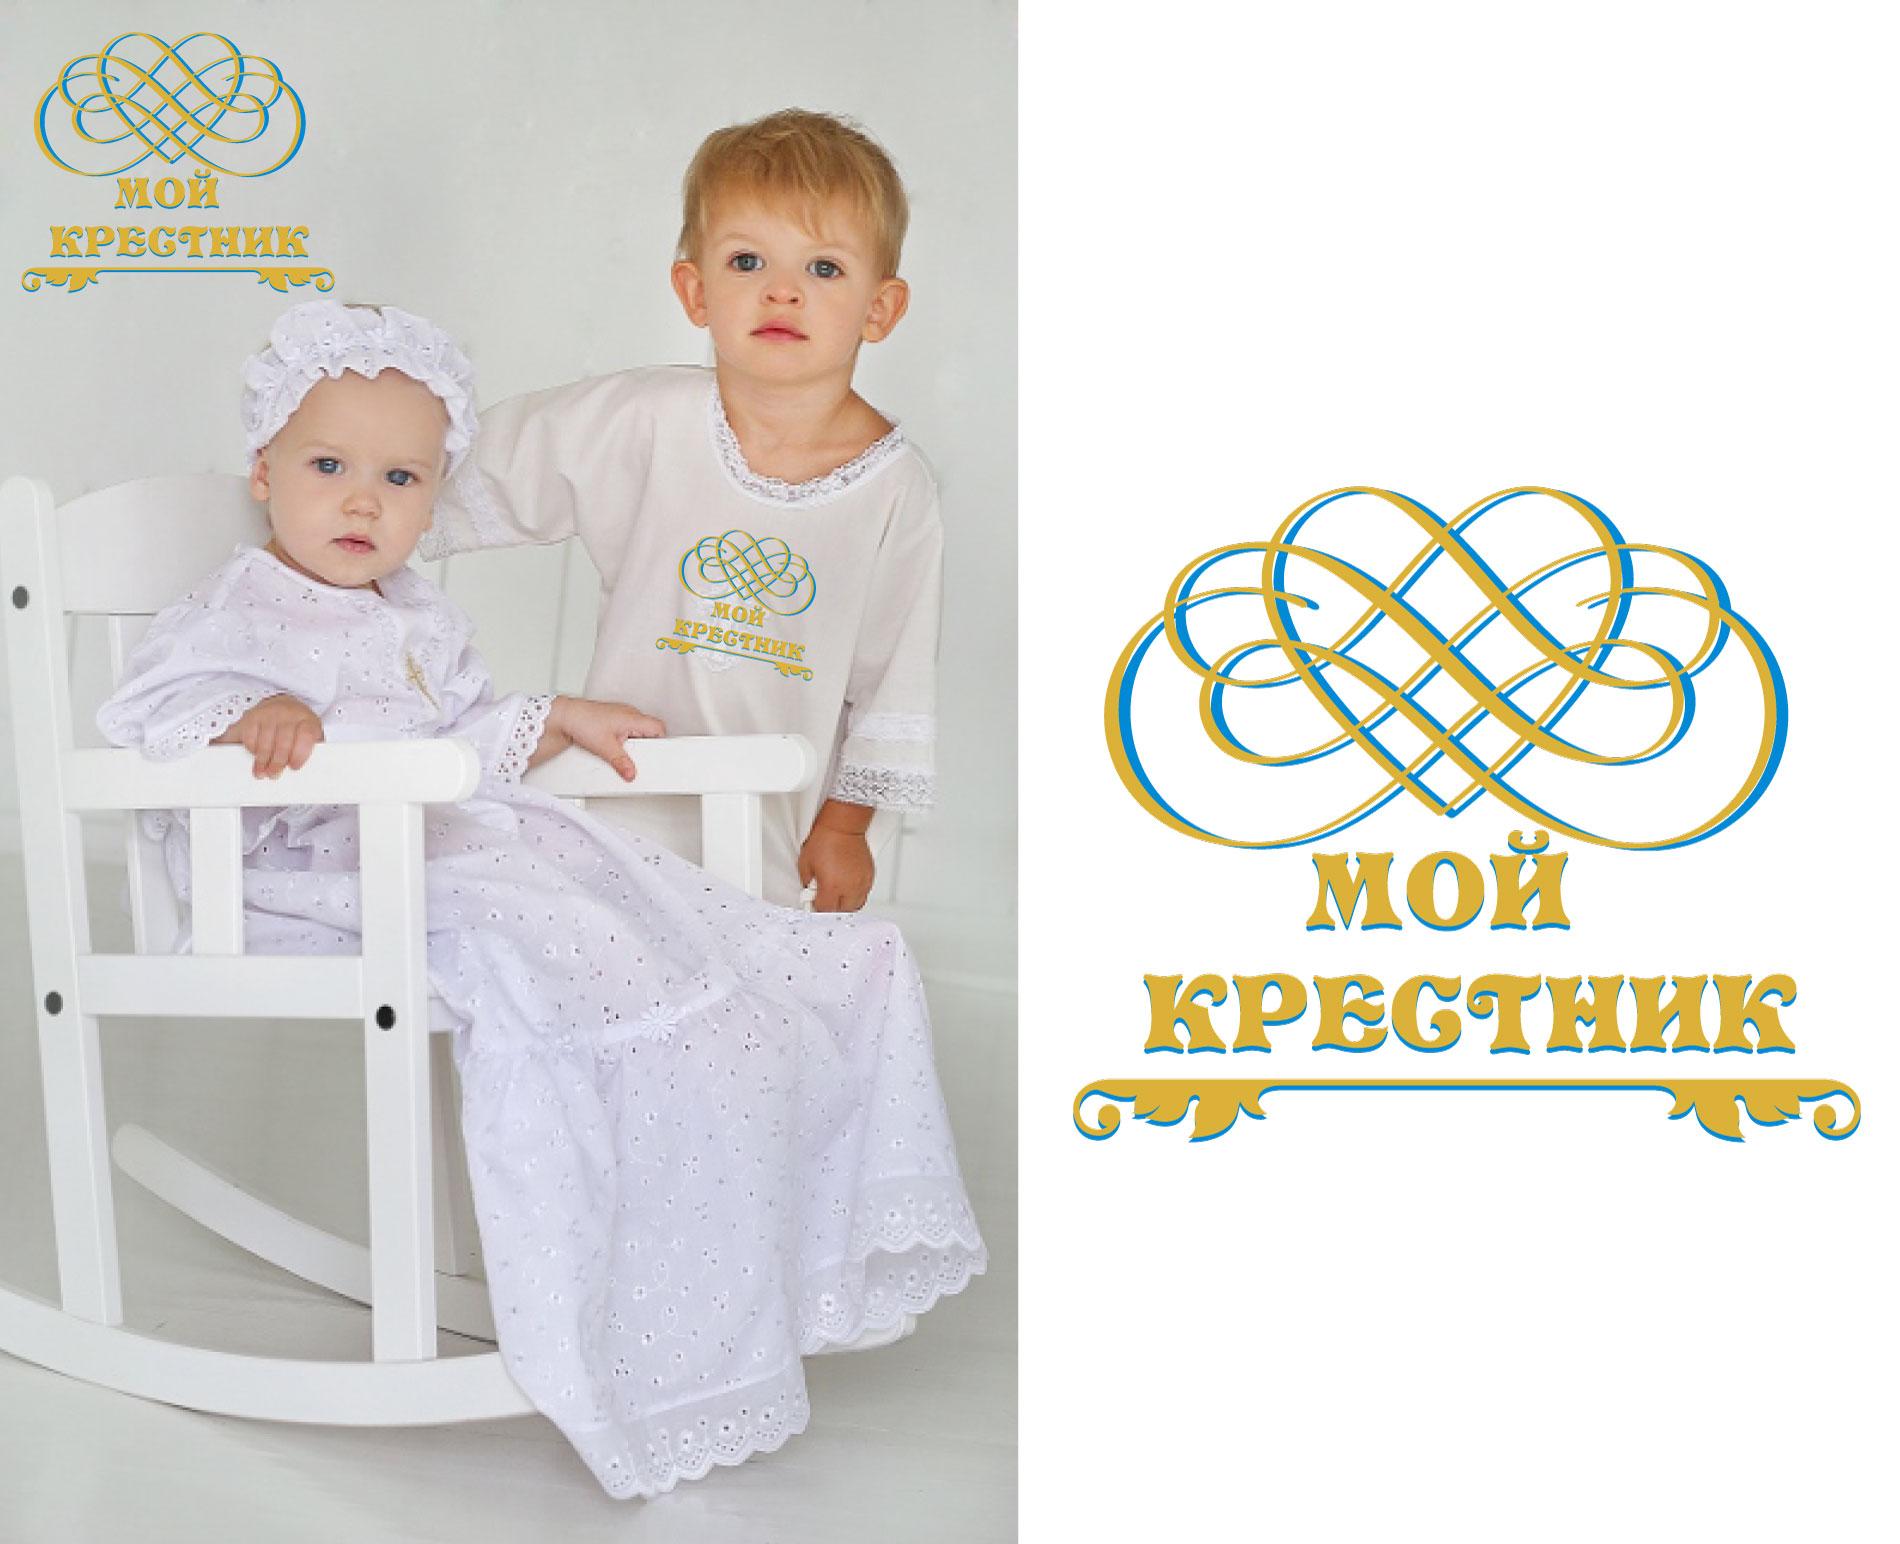 Логотип для крестильной одежды(детской). фото f_0425d5720469270b.jpg